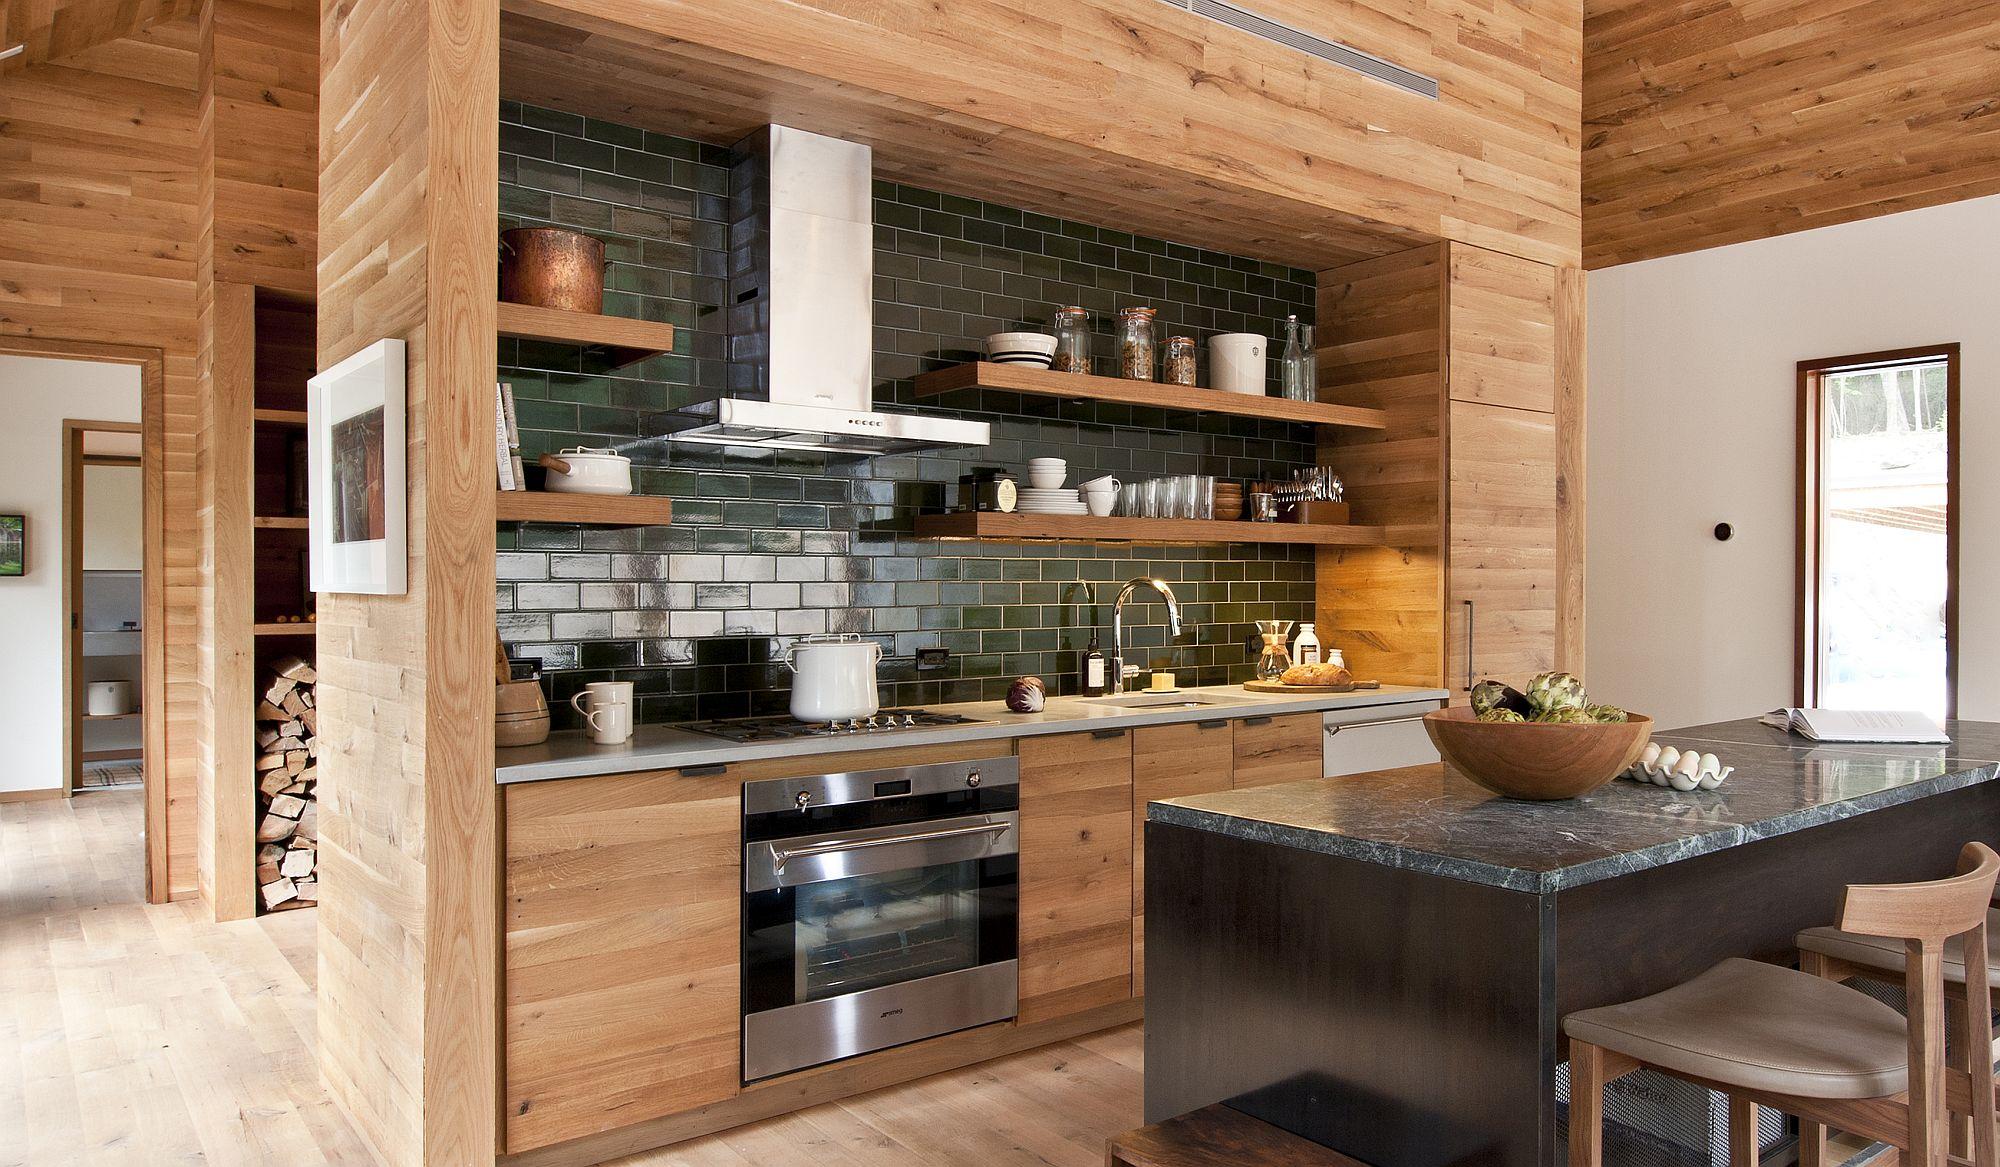 Black-tiled-backsplash-and-island-for-the-modern-kitchen